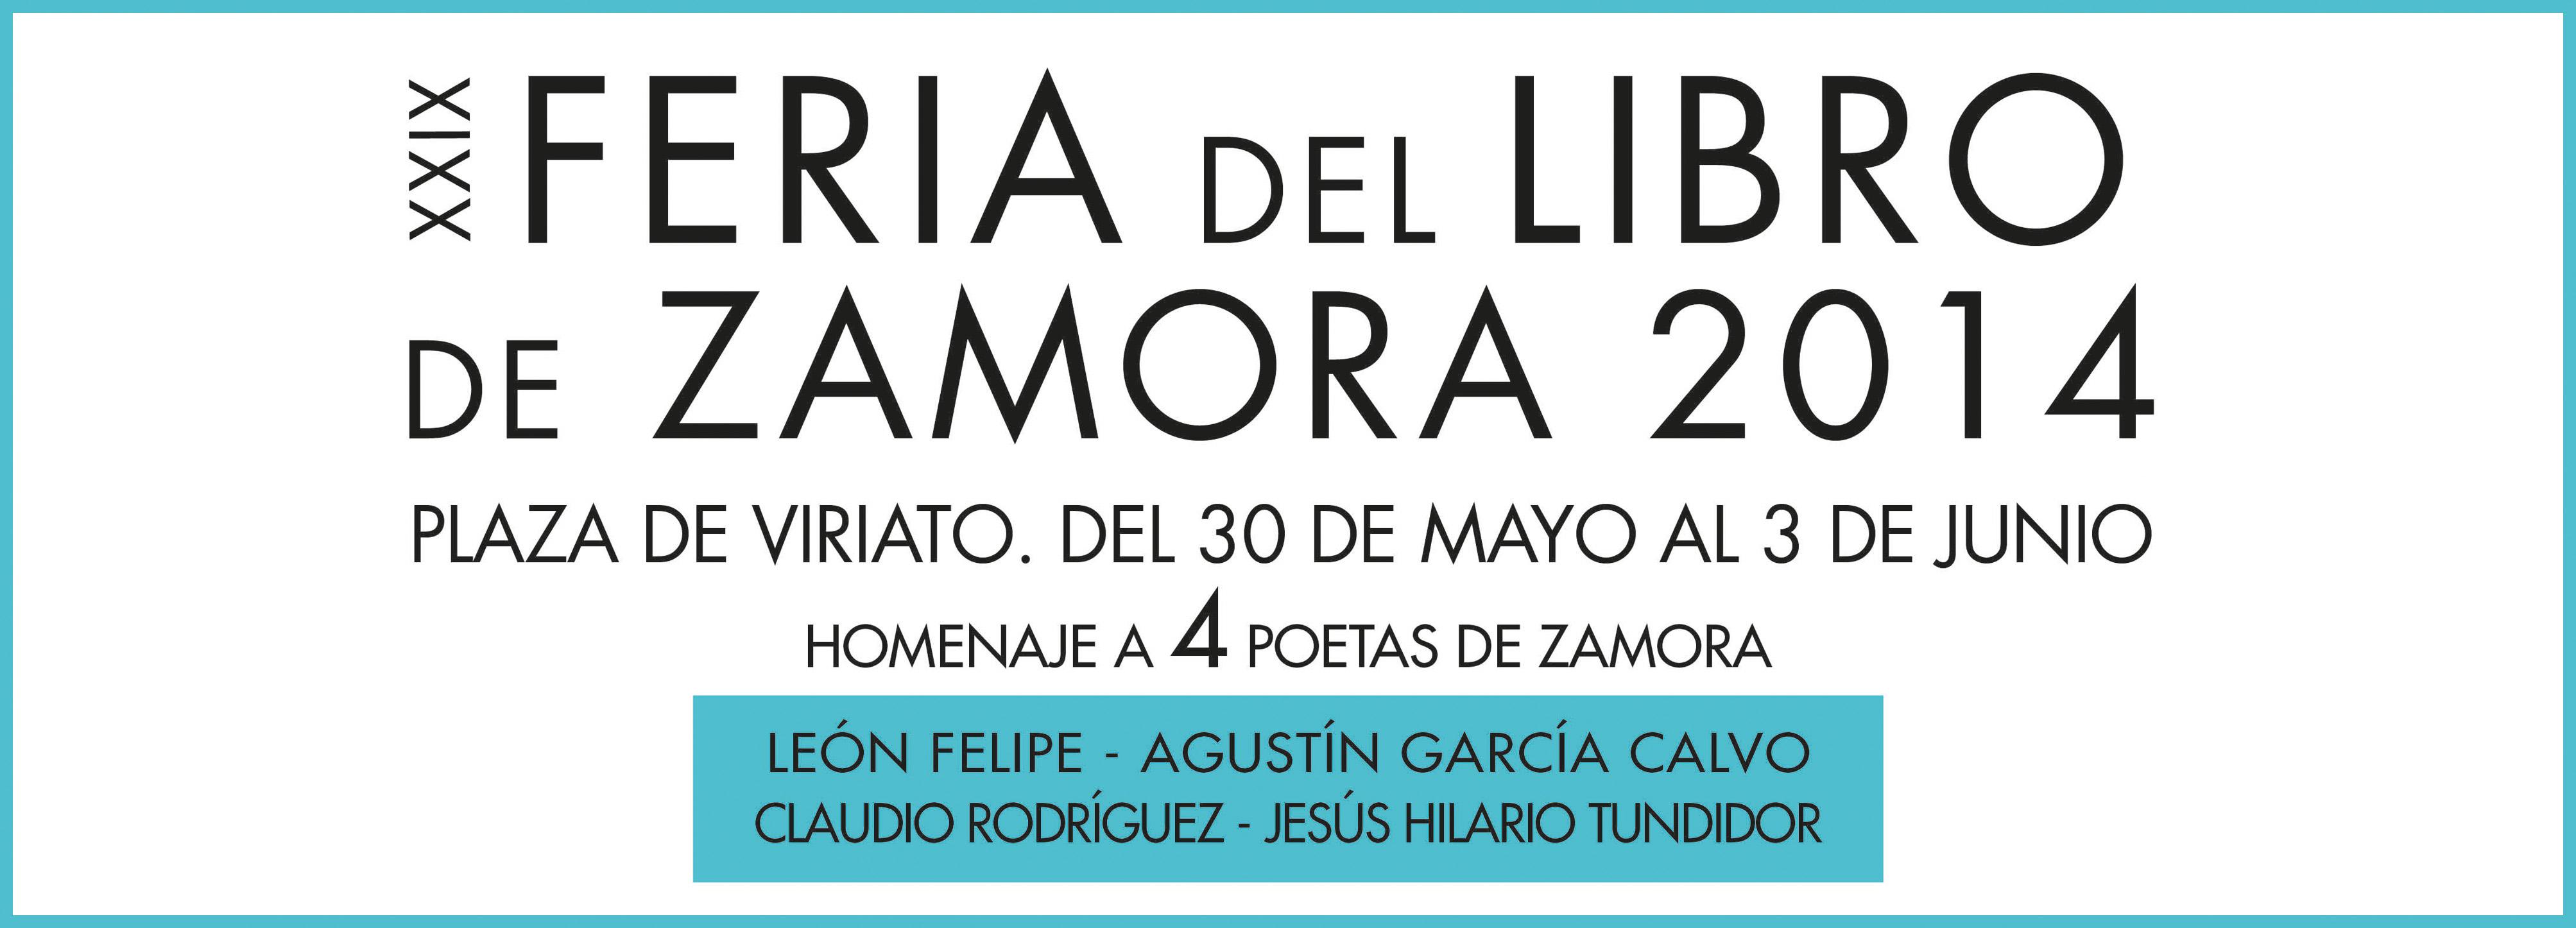 Feria del Libro 2014 en Zamora